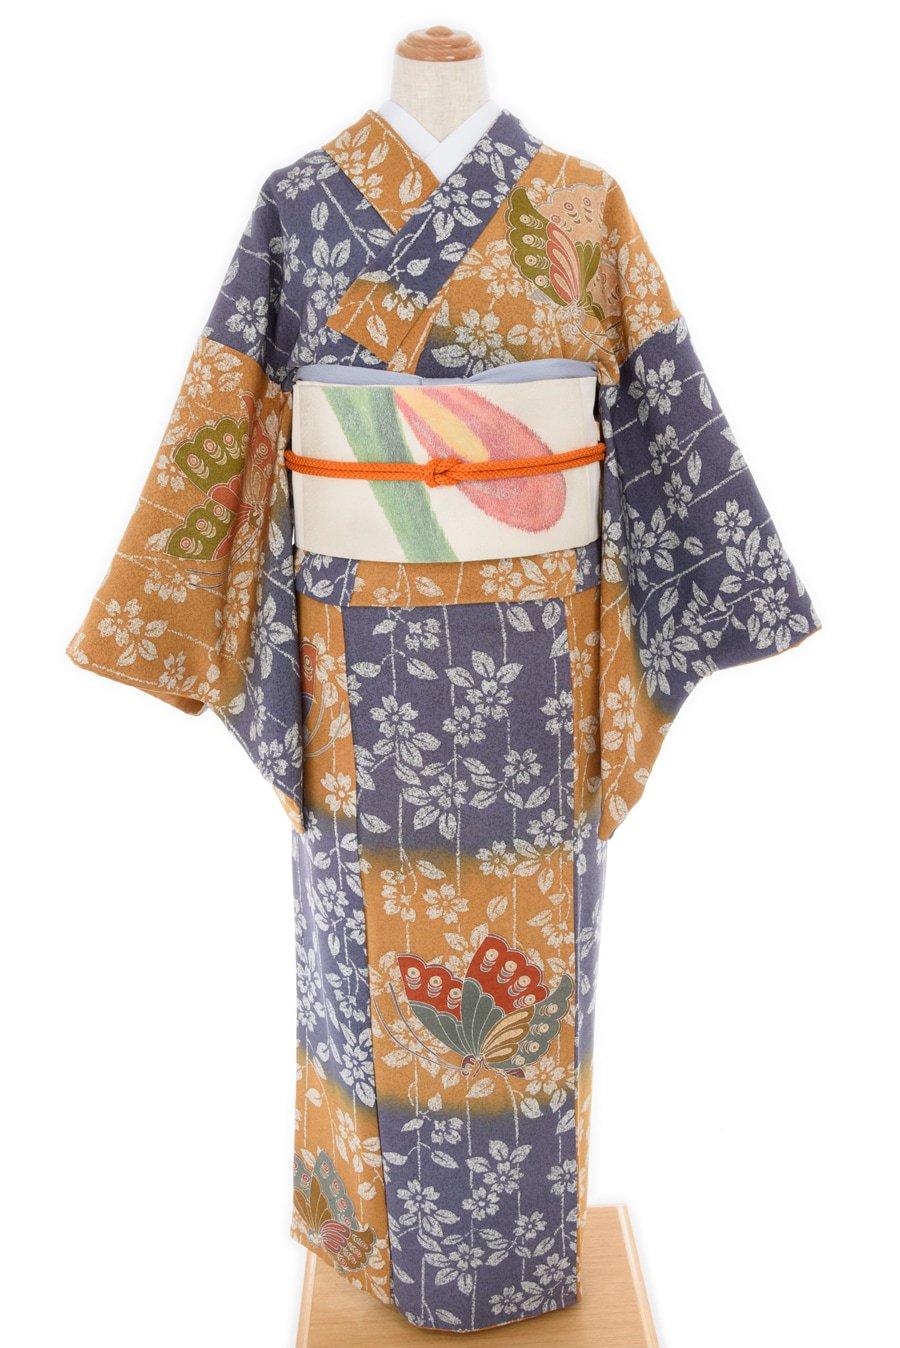 「市松暈し 枝垂れ桜に揚羽蝶」の商品画像